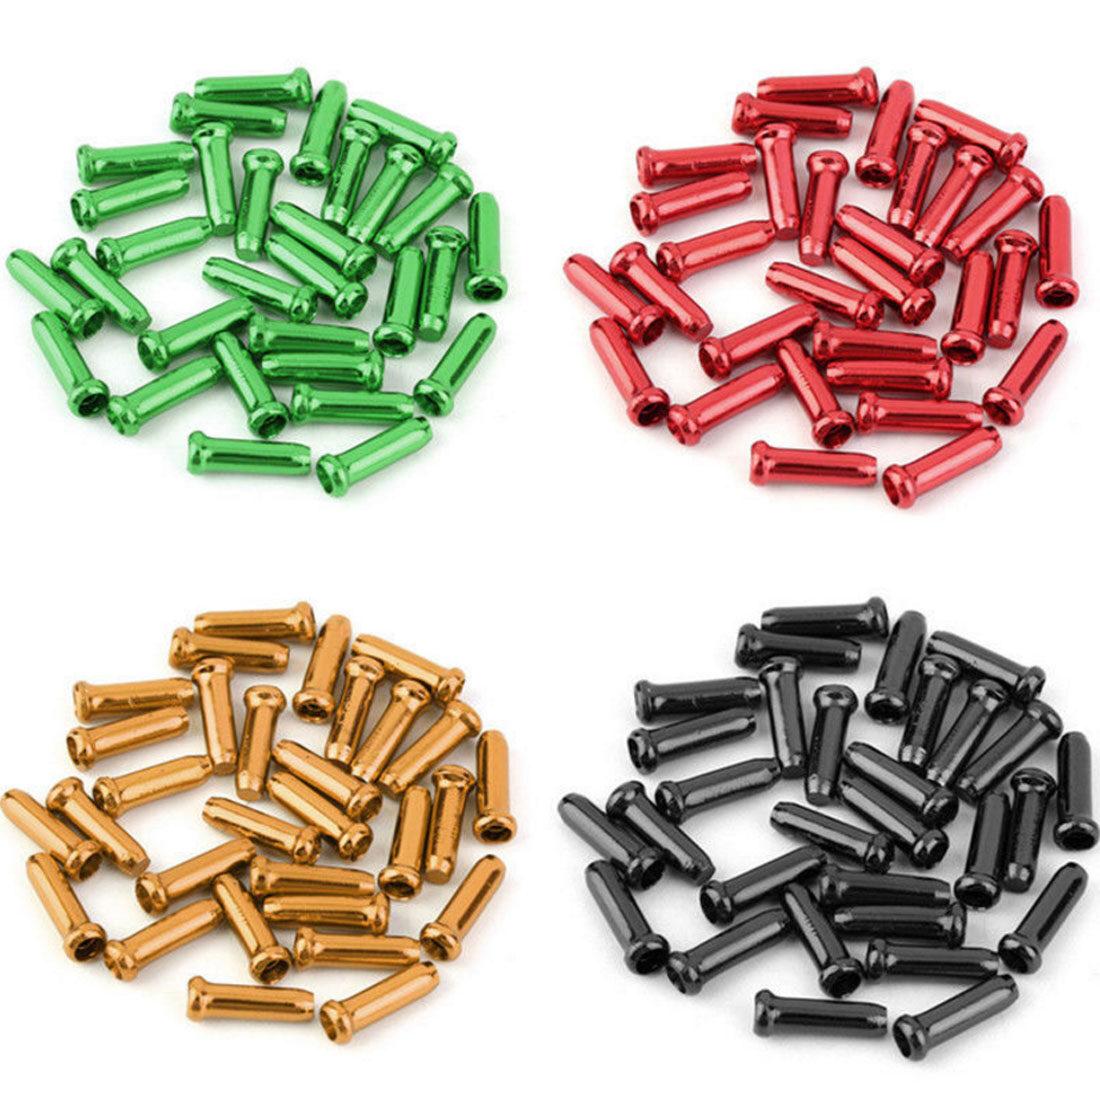 Jual Hot 10 Aloi Aluminium Pcs Rem Sepeda Sepeda Kabel Ujung Crimp Sepeda Derailleur Shift Akhir Caps Core-Intl